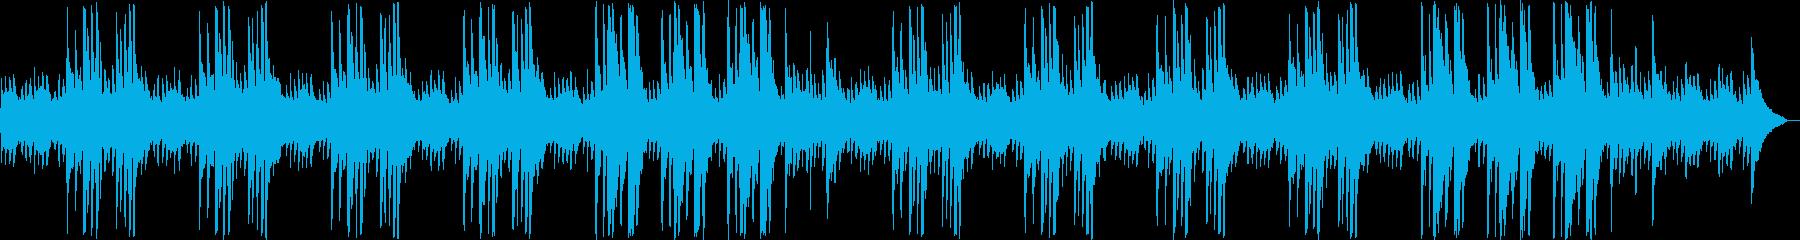 ゆったり哀しげなピアノサウンドの再生済みの波形